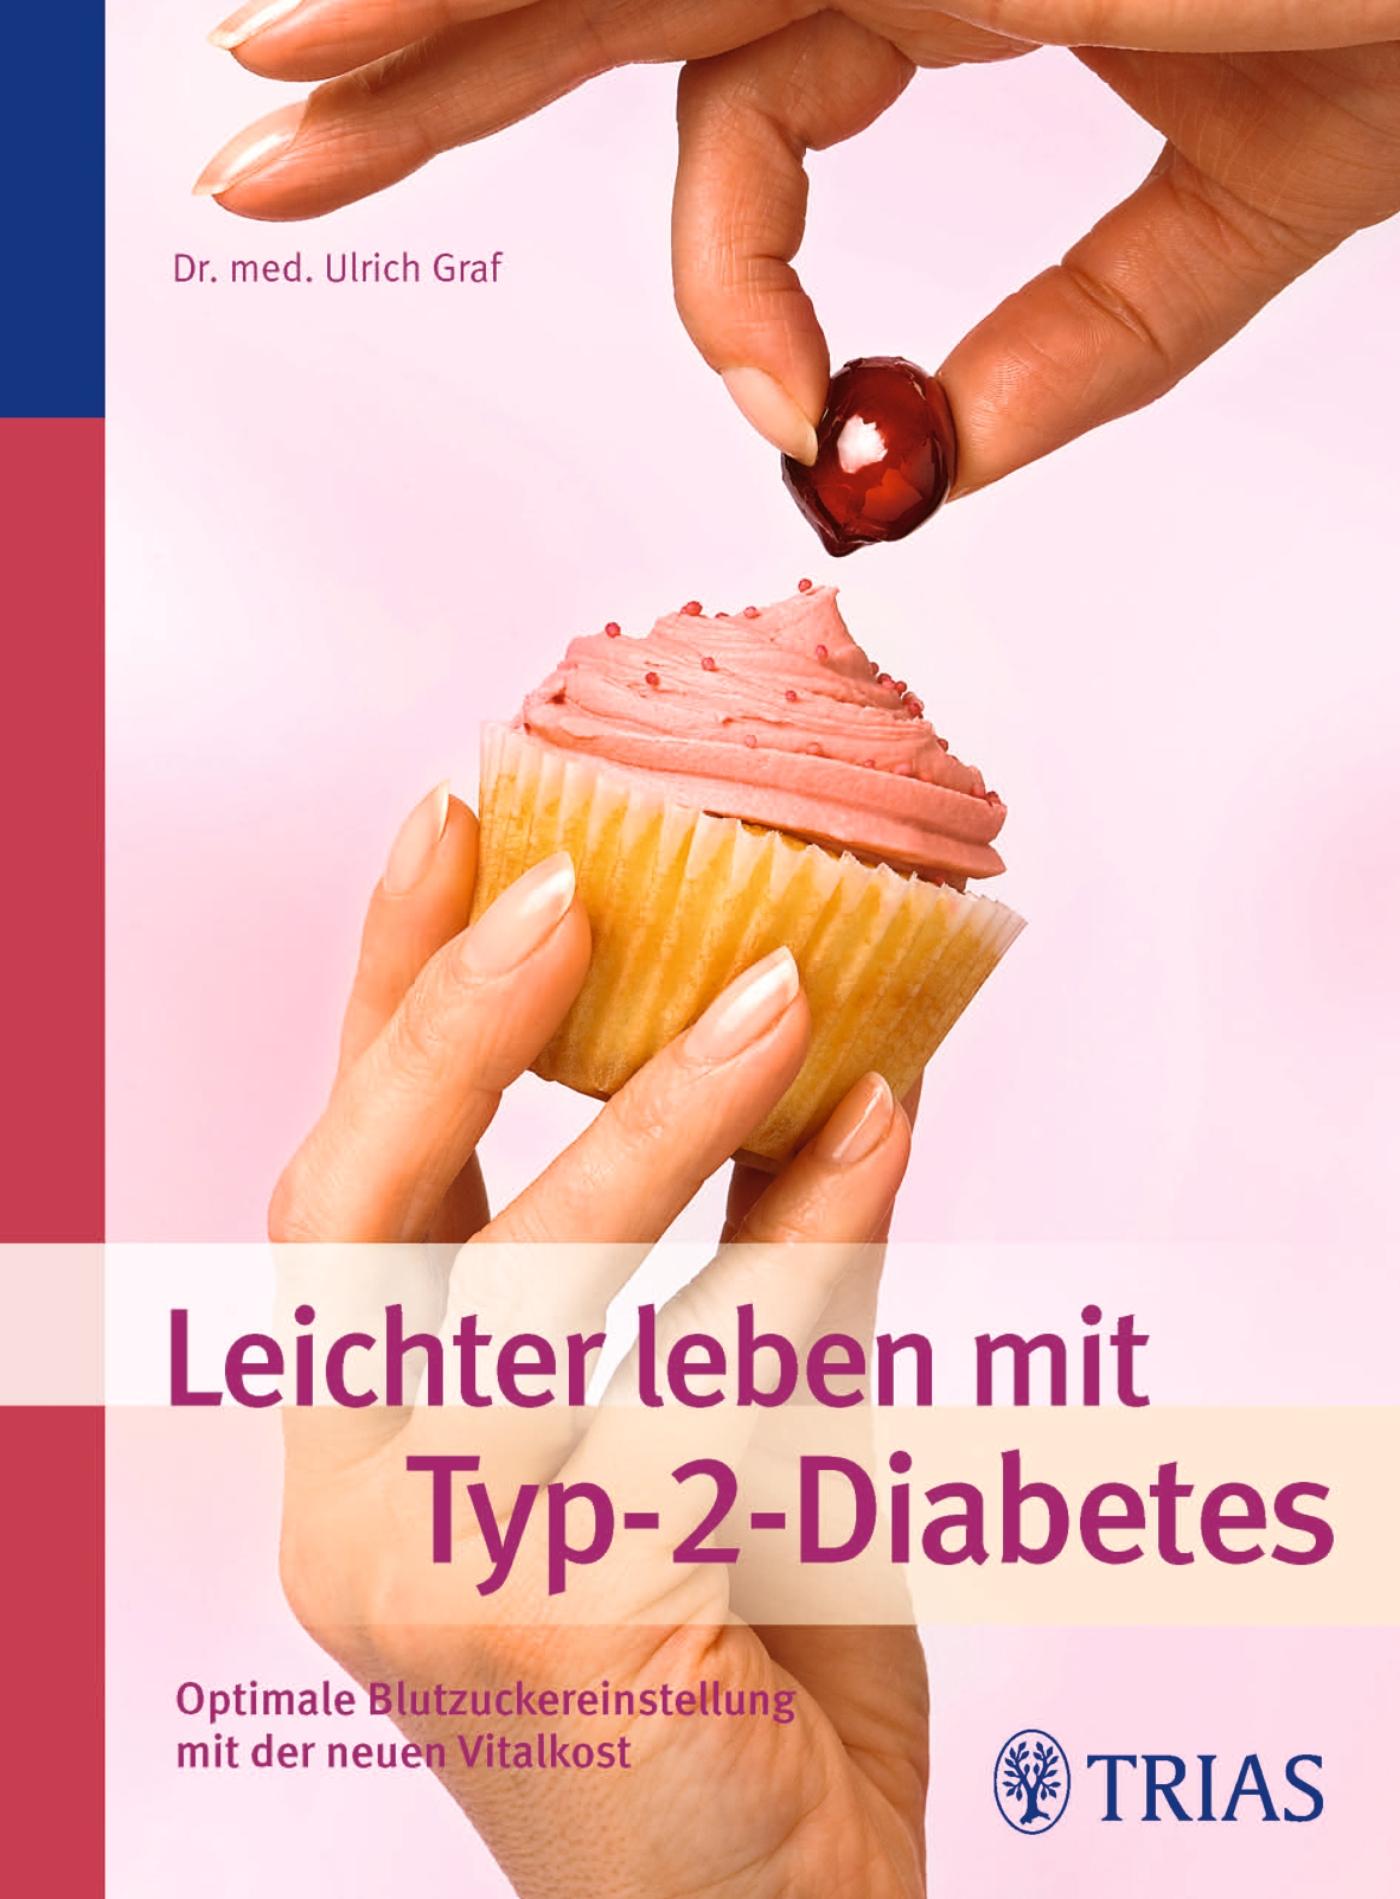 Leichter leben mit Typ-2-Diabetes